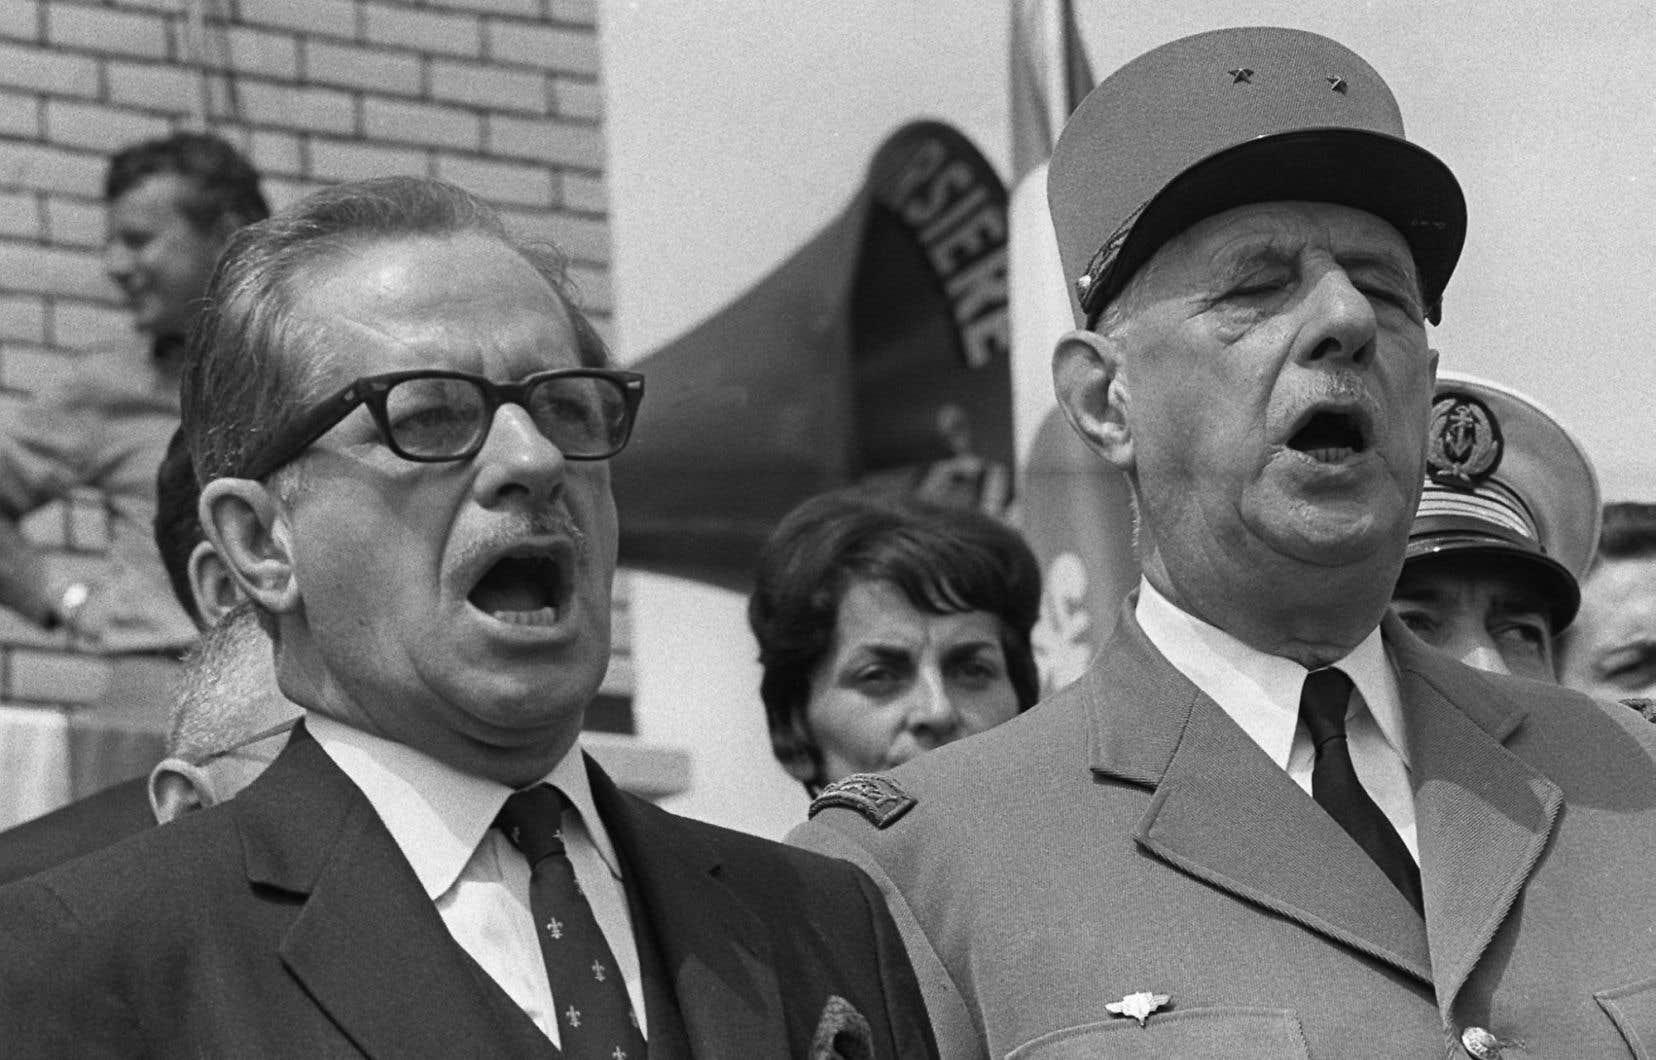 Le président français, Charles de Gaulle, et le premier ministre du Québec, Daniel Johnson, chantent l'hymne national à Montréal le 24 juillet 1967.